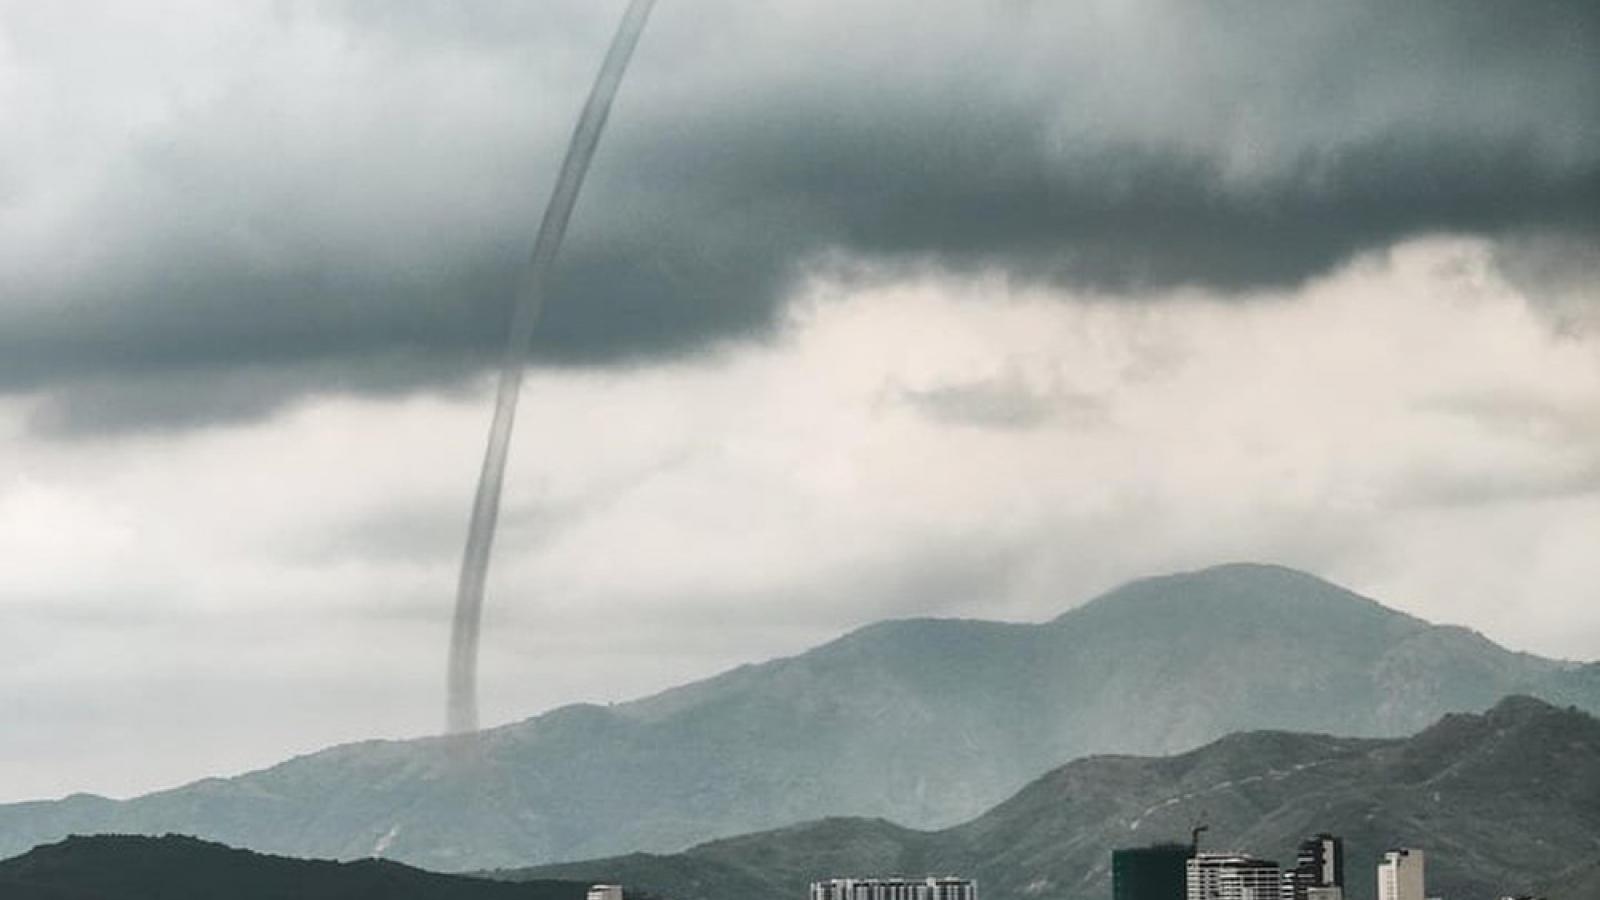 Stunning shot of tornados captured in Nha Trang